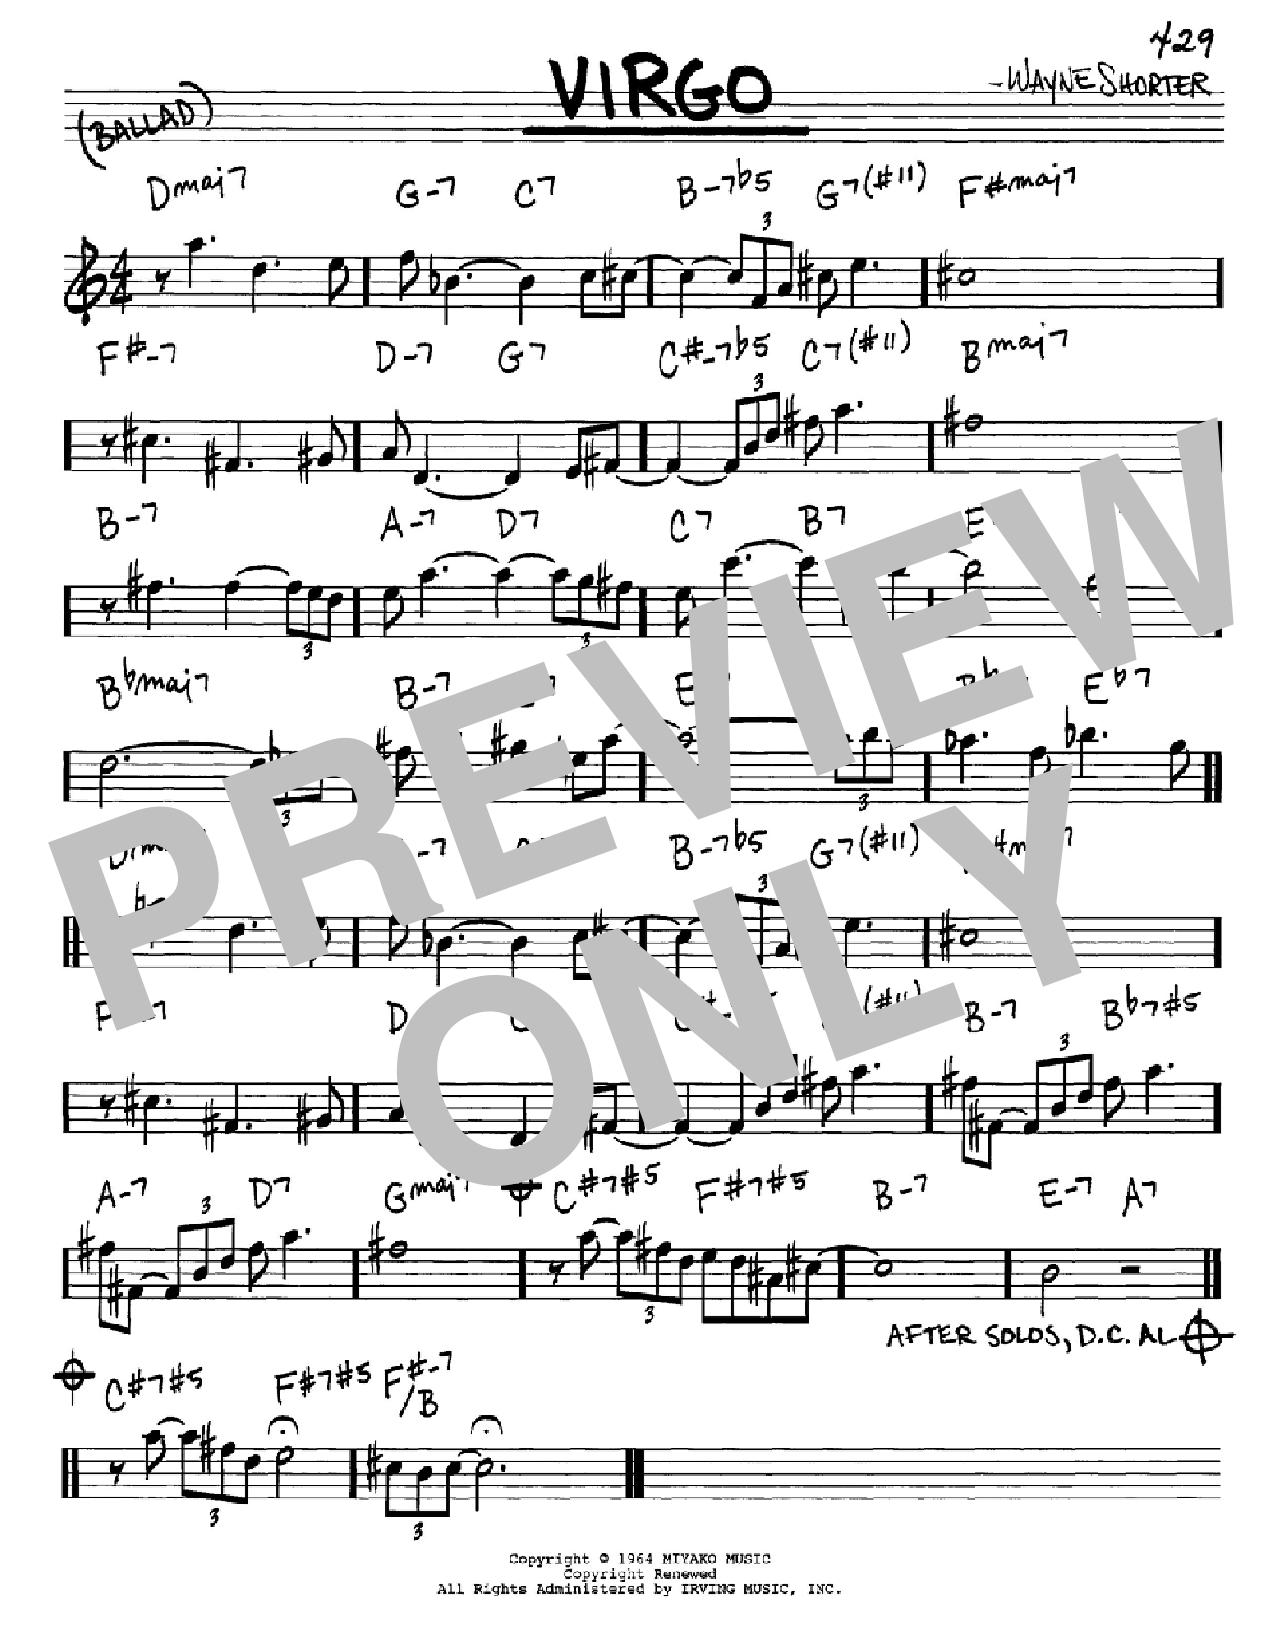 Partition autre Virgo de Wayne Shorter - Real Book, Melodie et Accords, Inst. En Mib